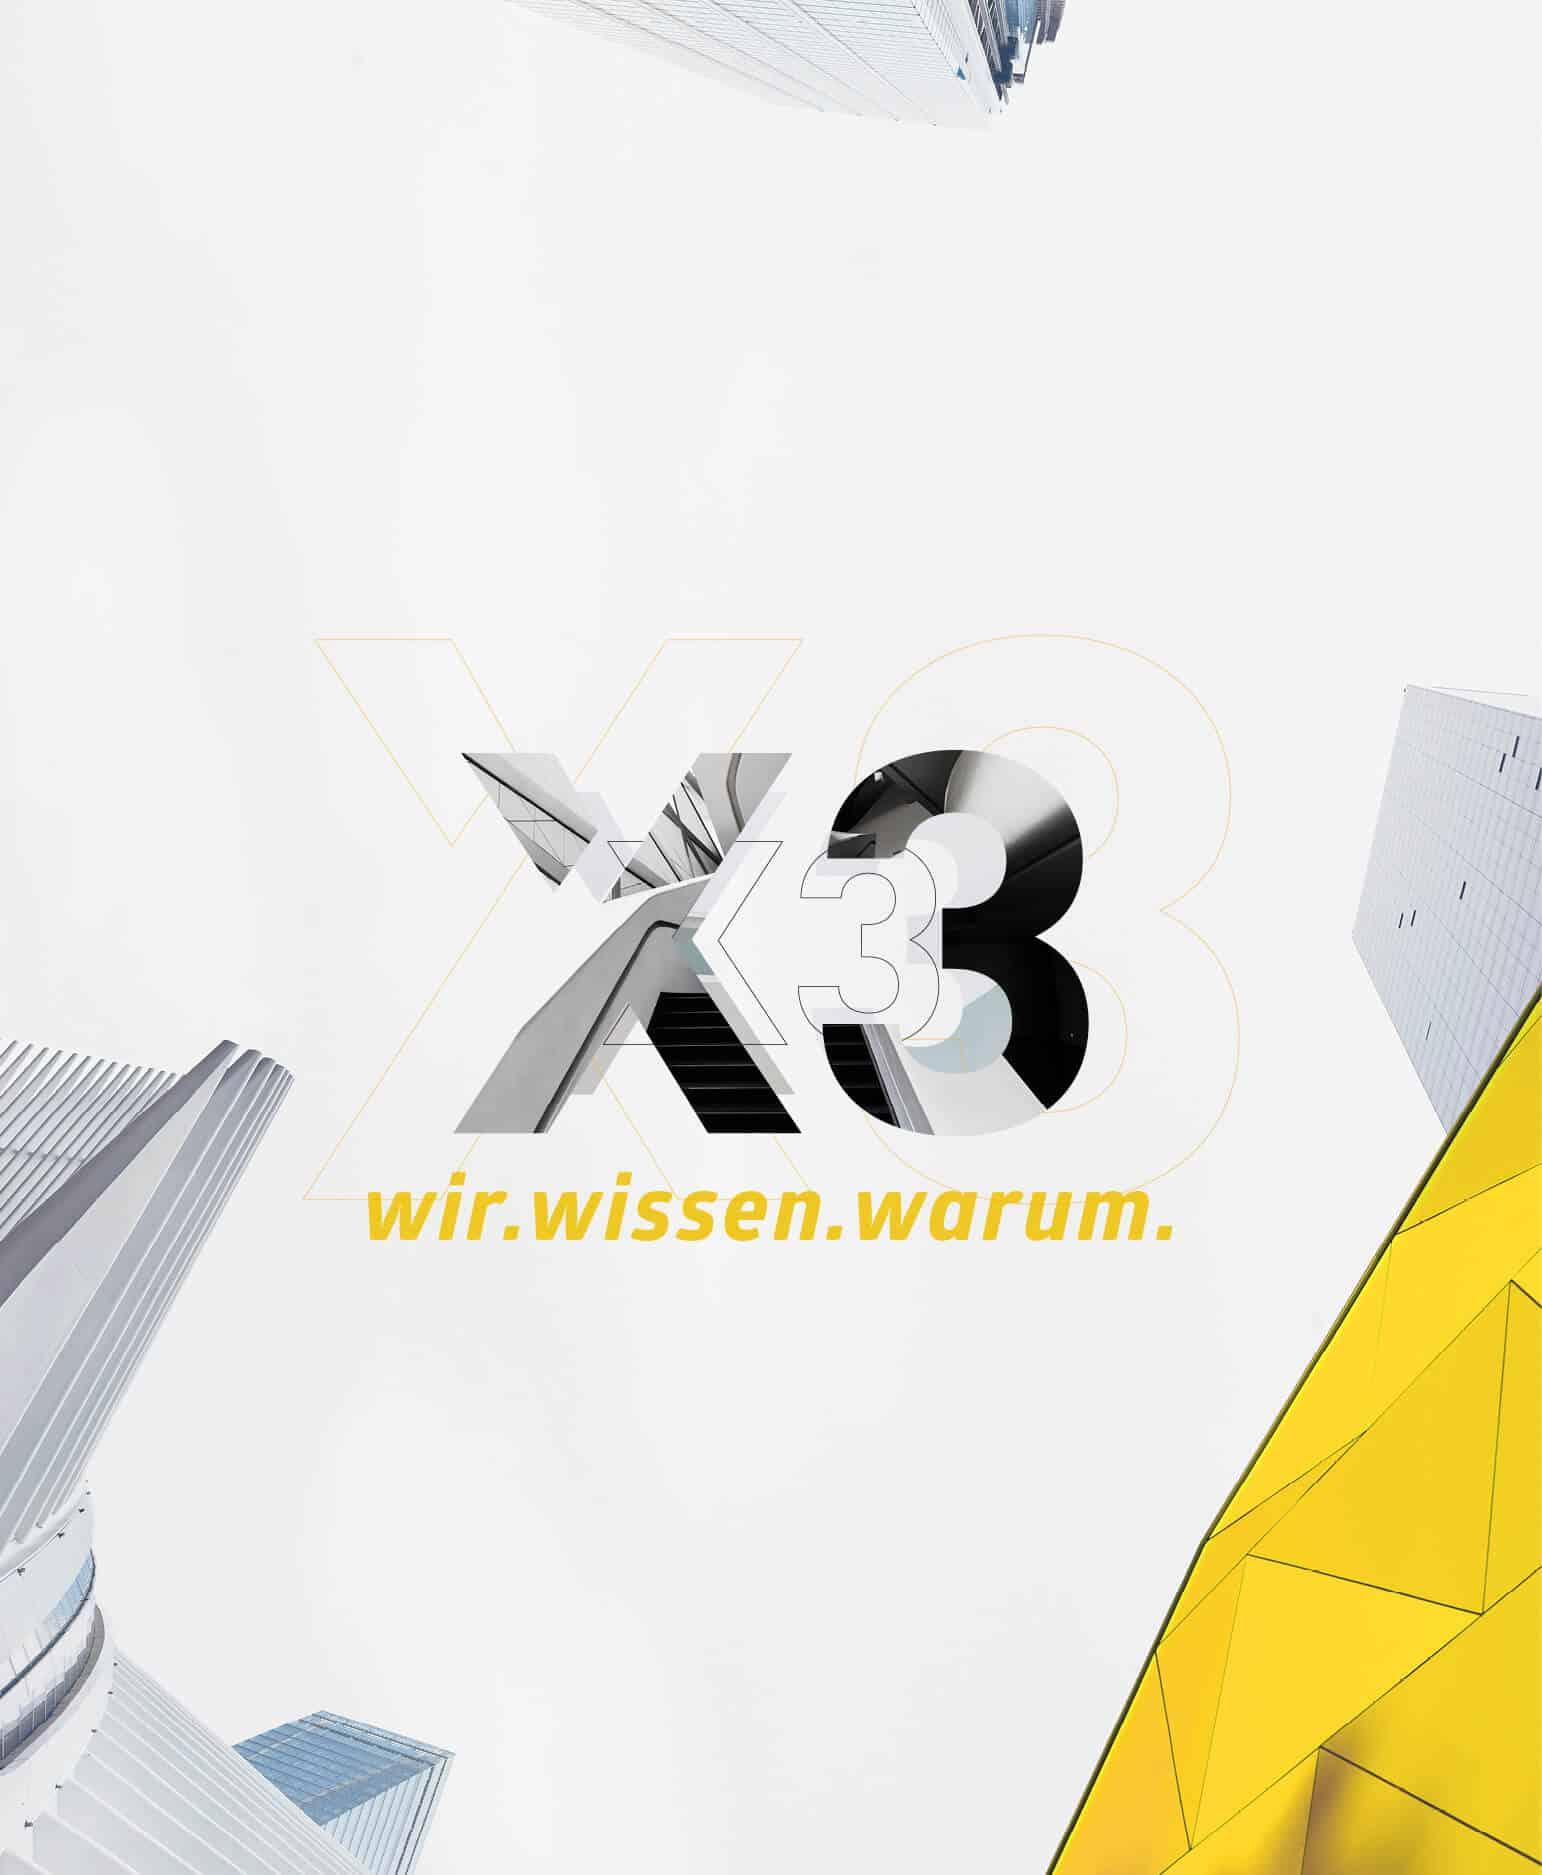 untermStrich X3 - Das Organisations- und Führungstool der Architekten und Ingenieure